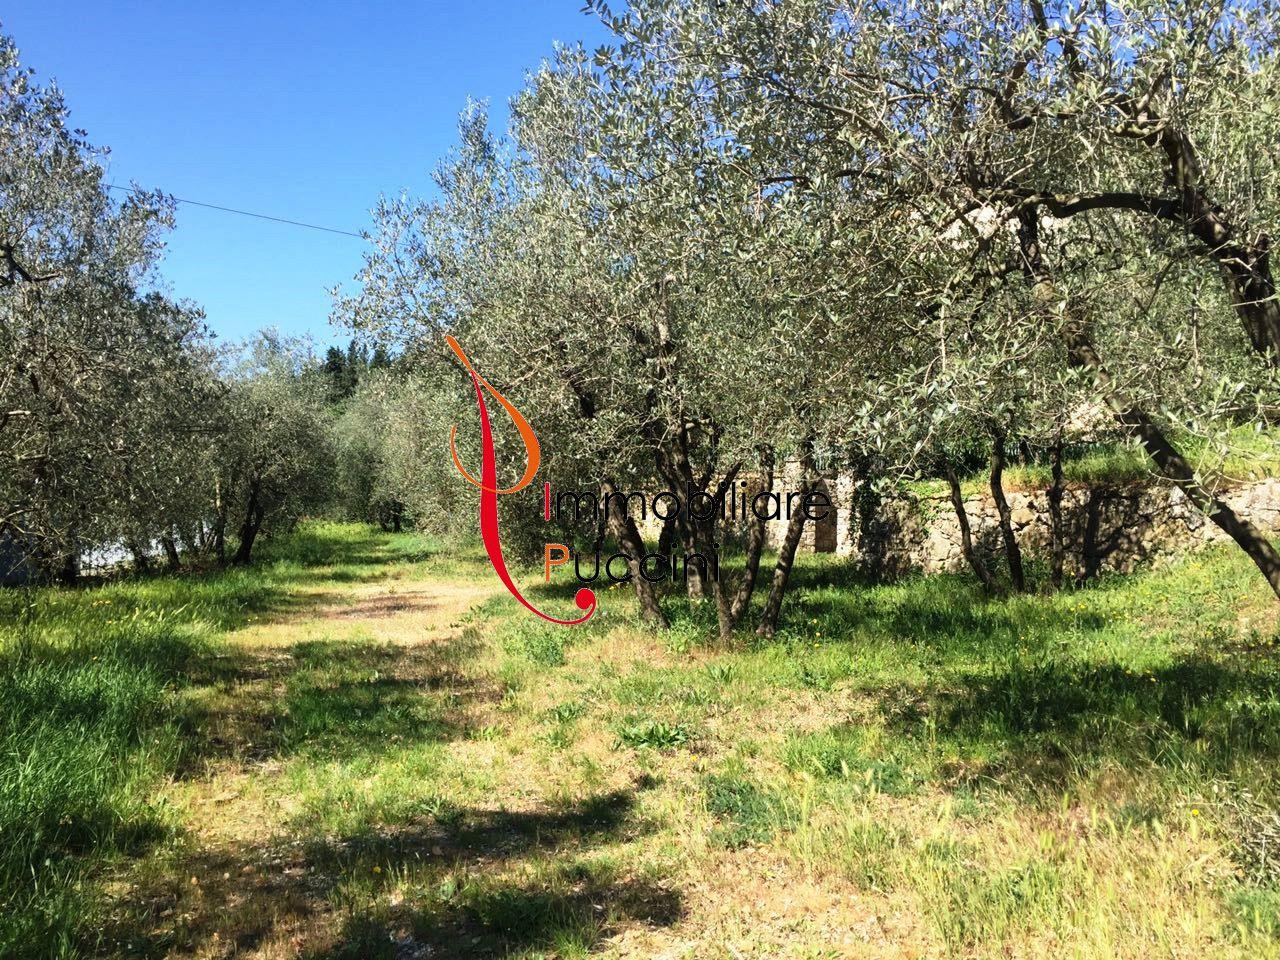 Villa in vendita a Calenzano, 8 locali, zona Località: GENERICA, prezzo € 590.000 | Cambio Casa.it